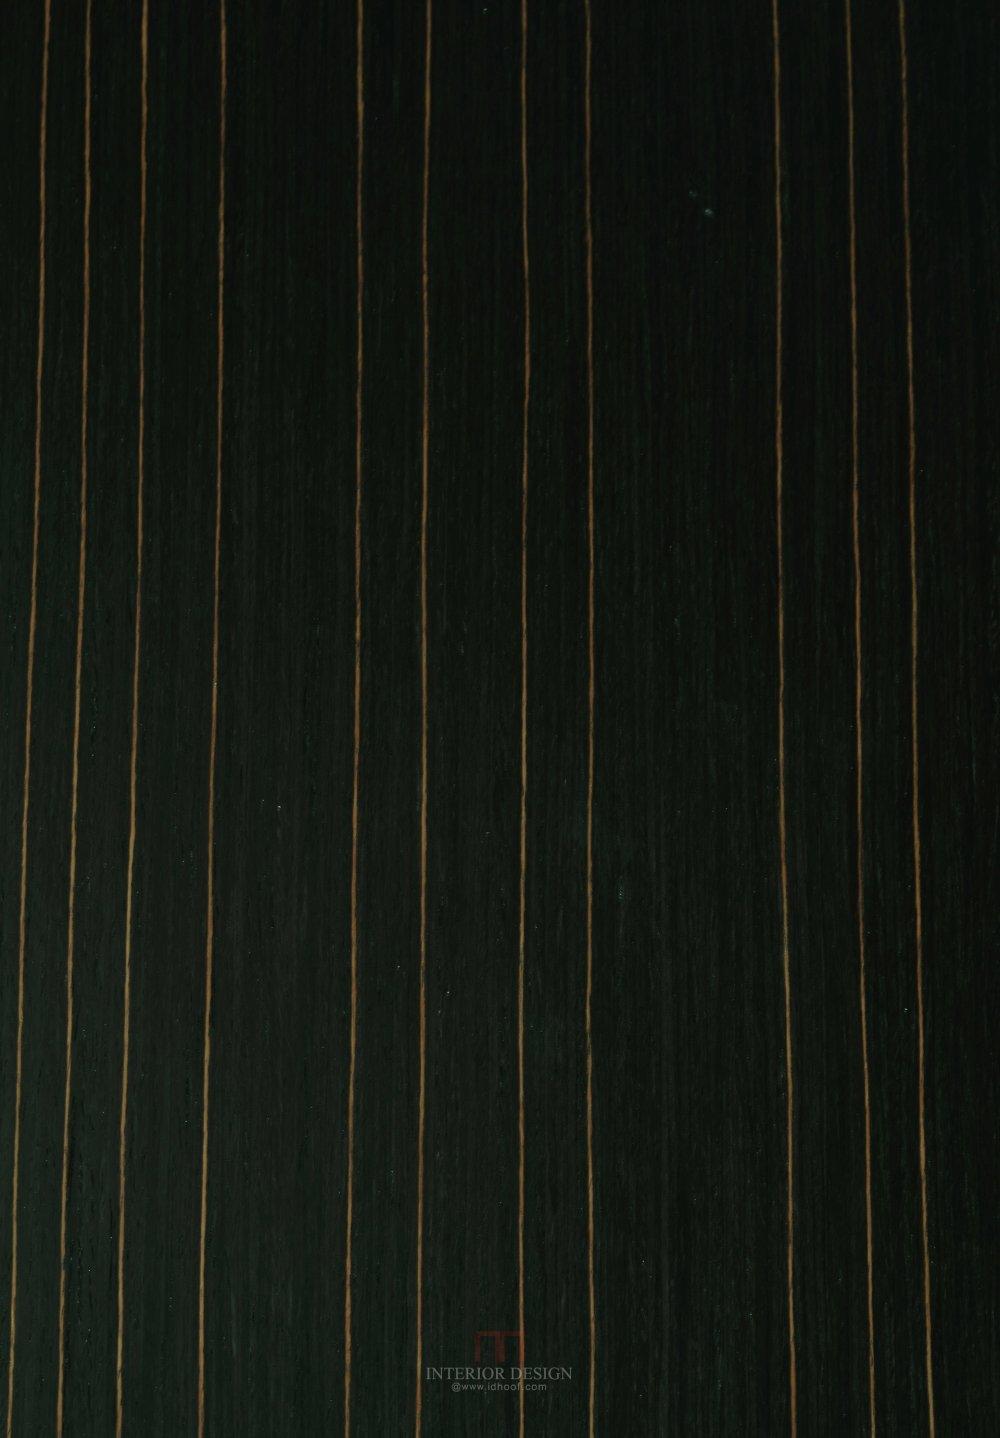 K6208_黑檀木.jpg